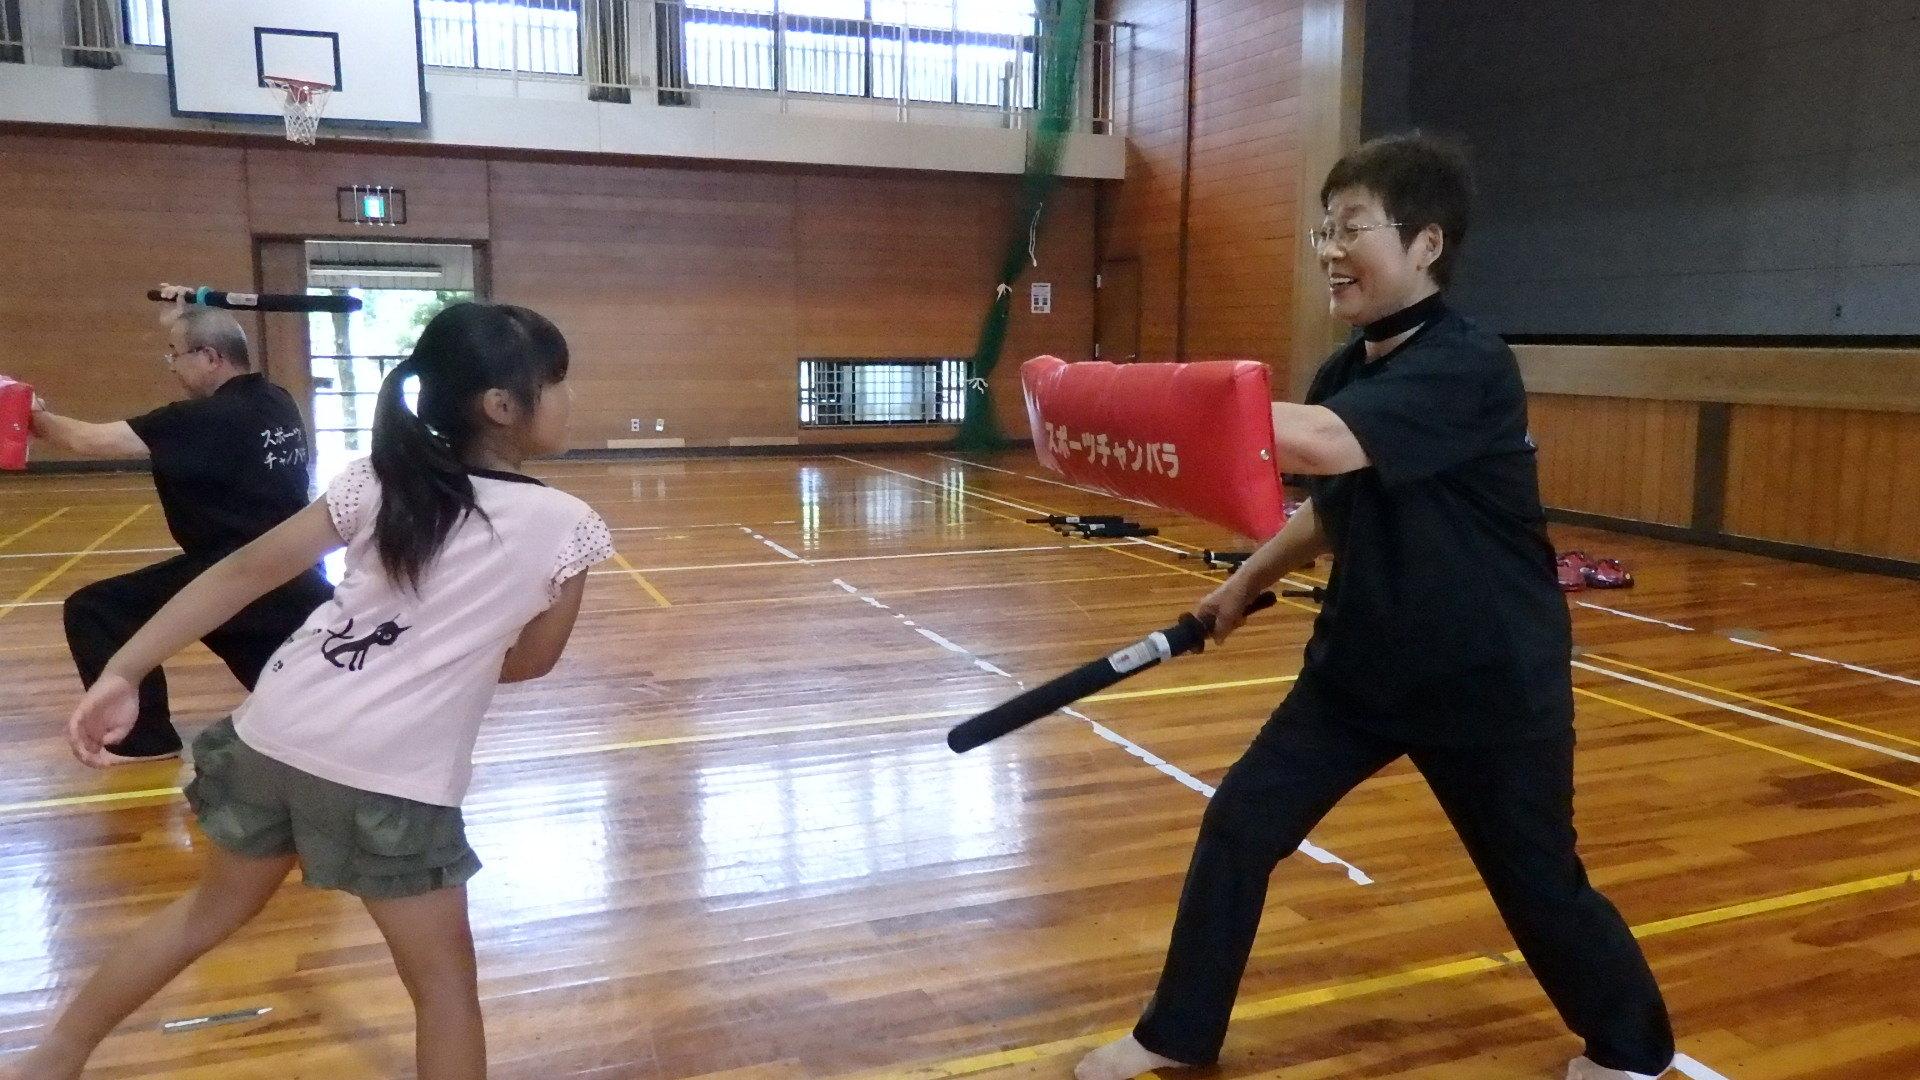 勇ましい剣士誕生!「スポーツチャンバラ + お楽しみ会」_b0239402_16574519.jpg